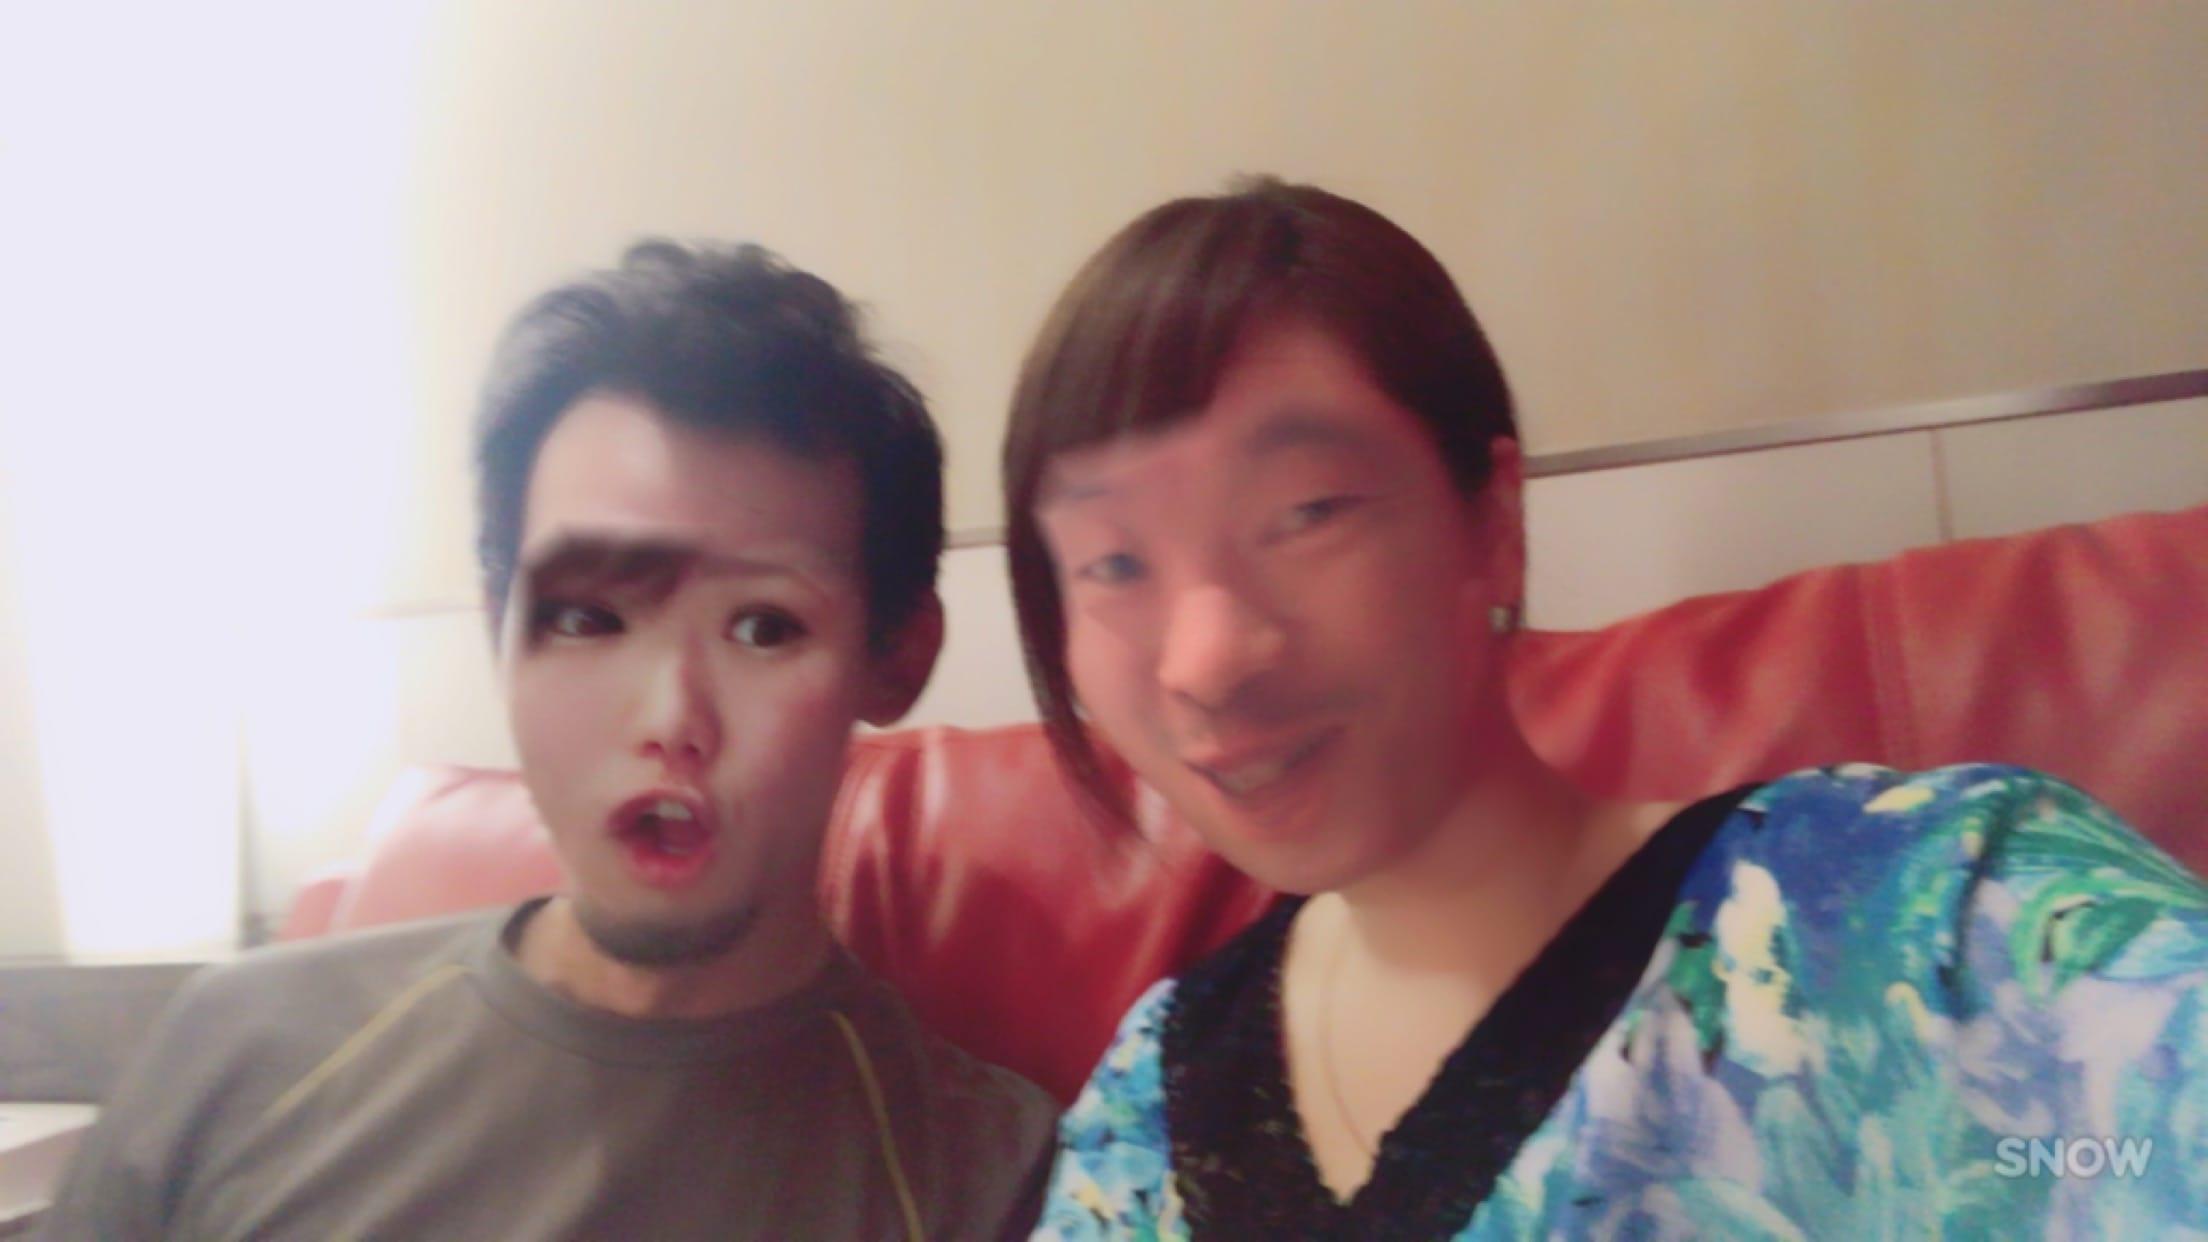 「マキシムのお兄さん(*^^*)」08/03(08/03) 04:40 | よつばの写メ・風俗動画